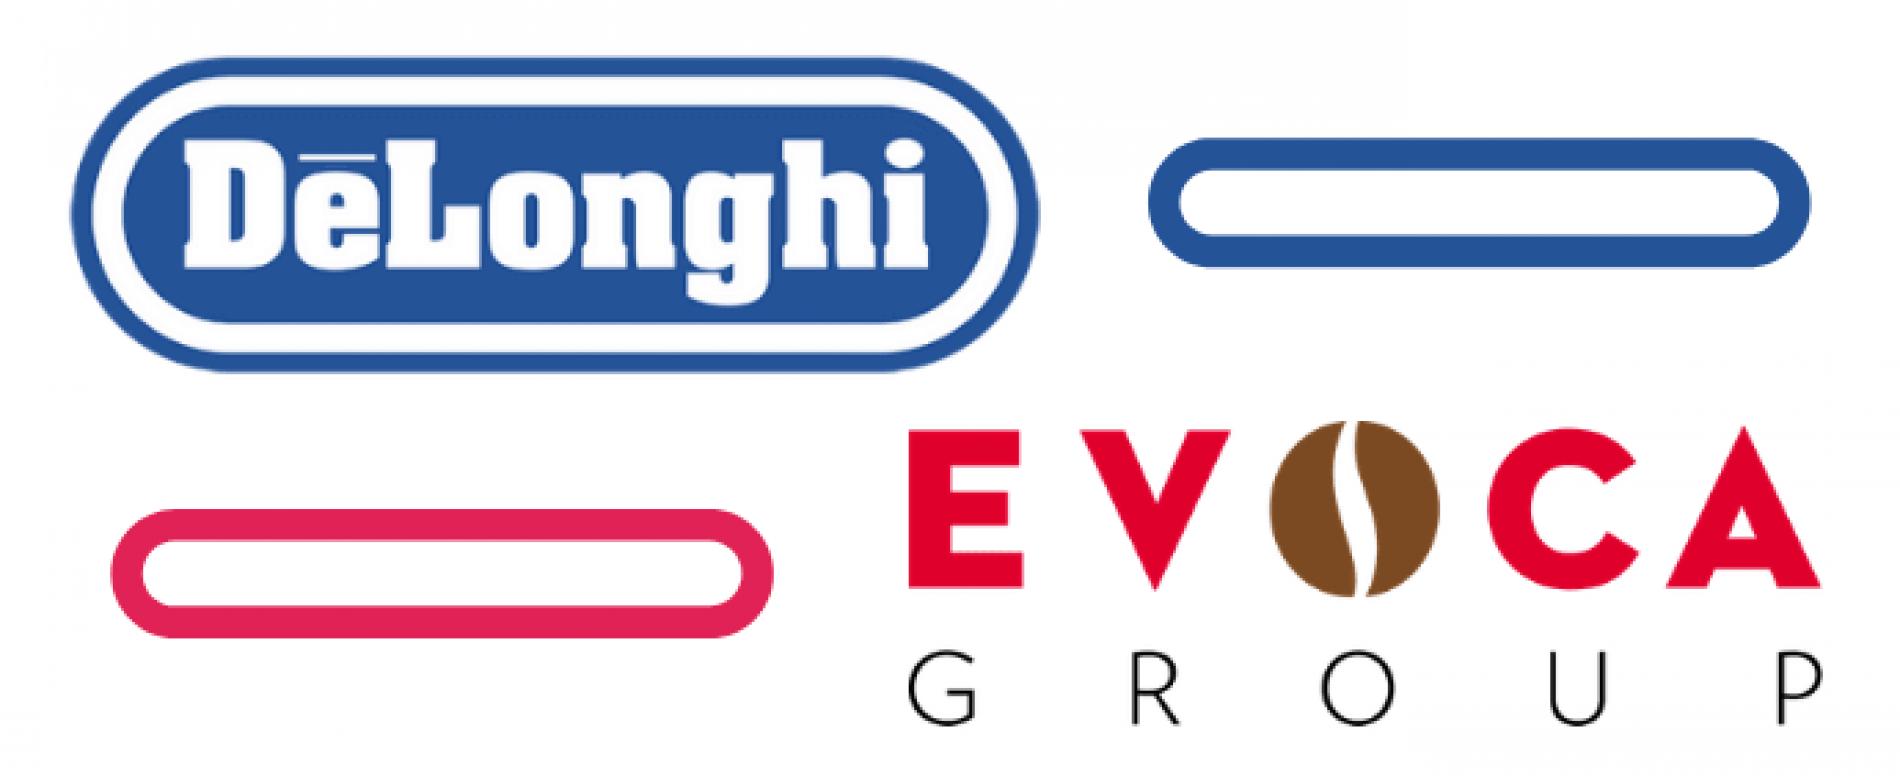 L'italiana De' Longhi in pole position per l'acquisizione di EVOCA